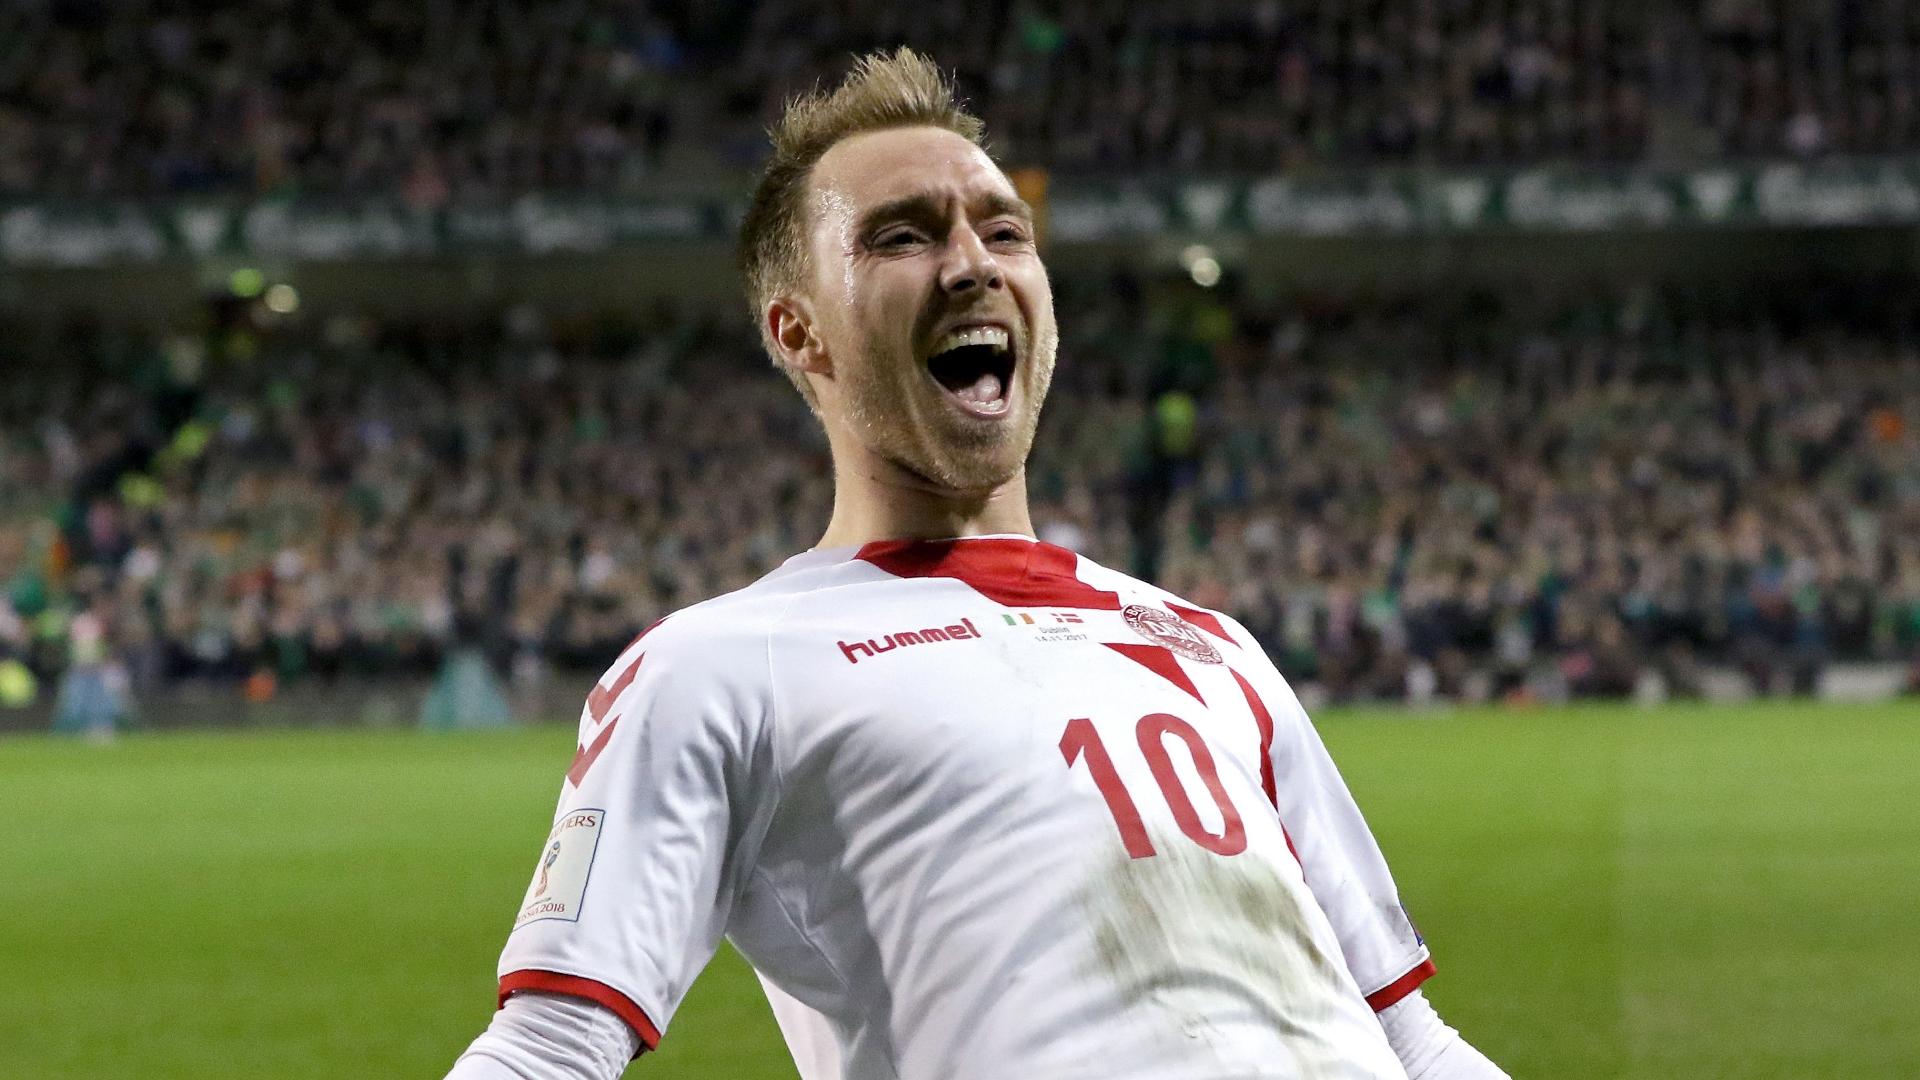 Christian Eriksen, Denmark